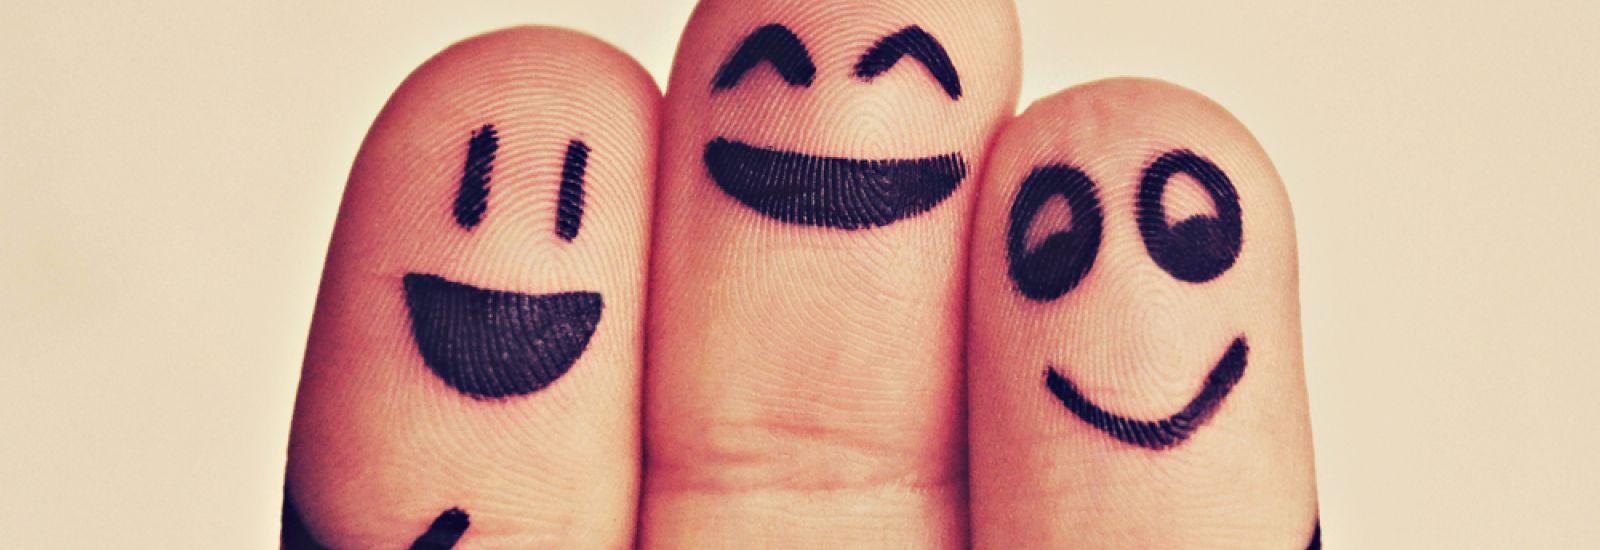 Happy fingers